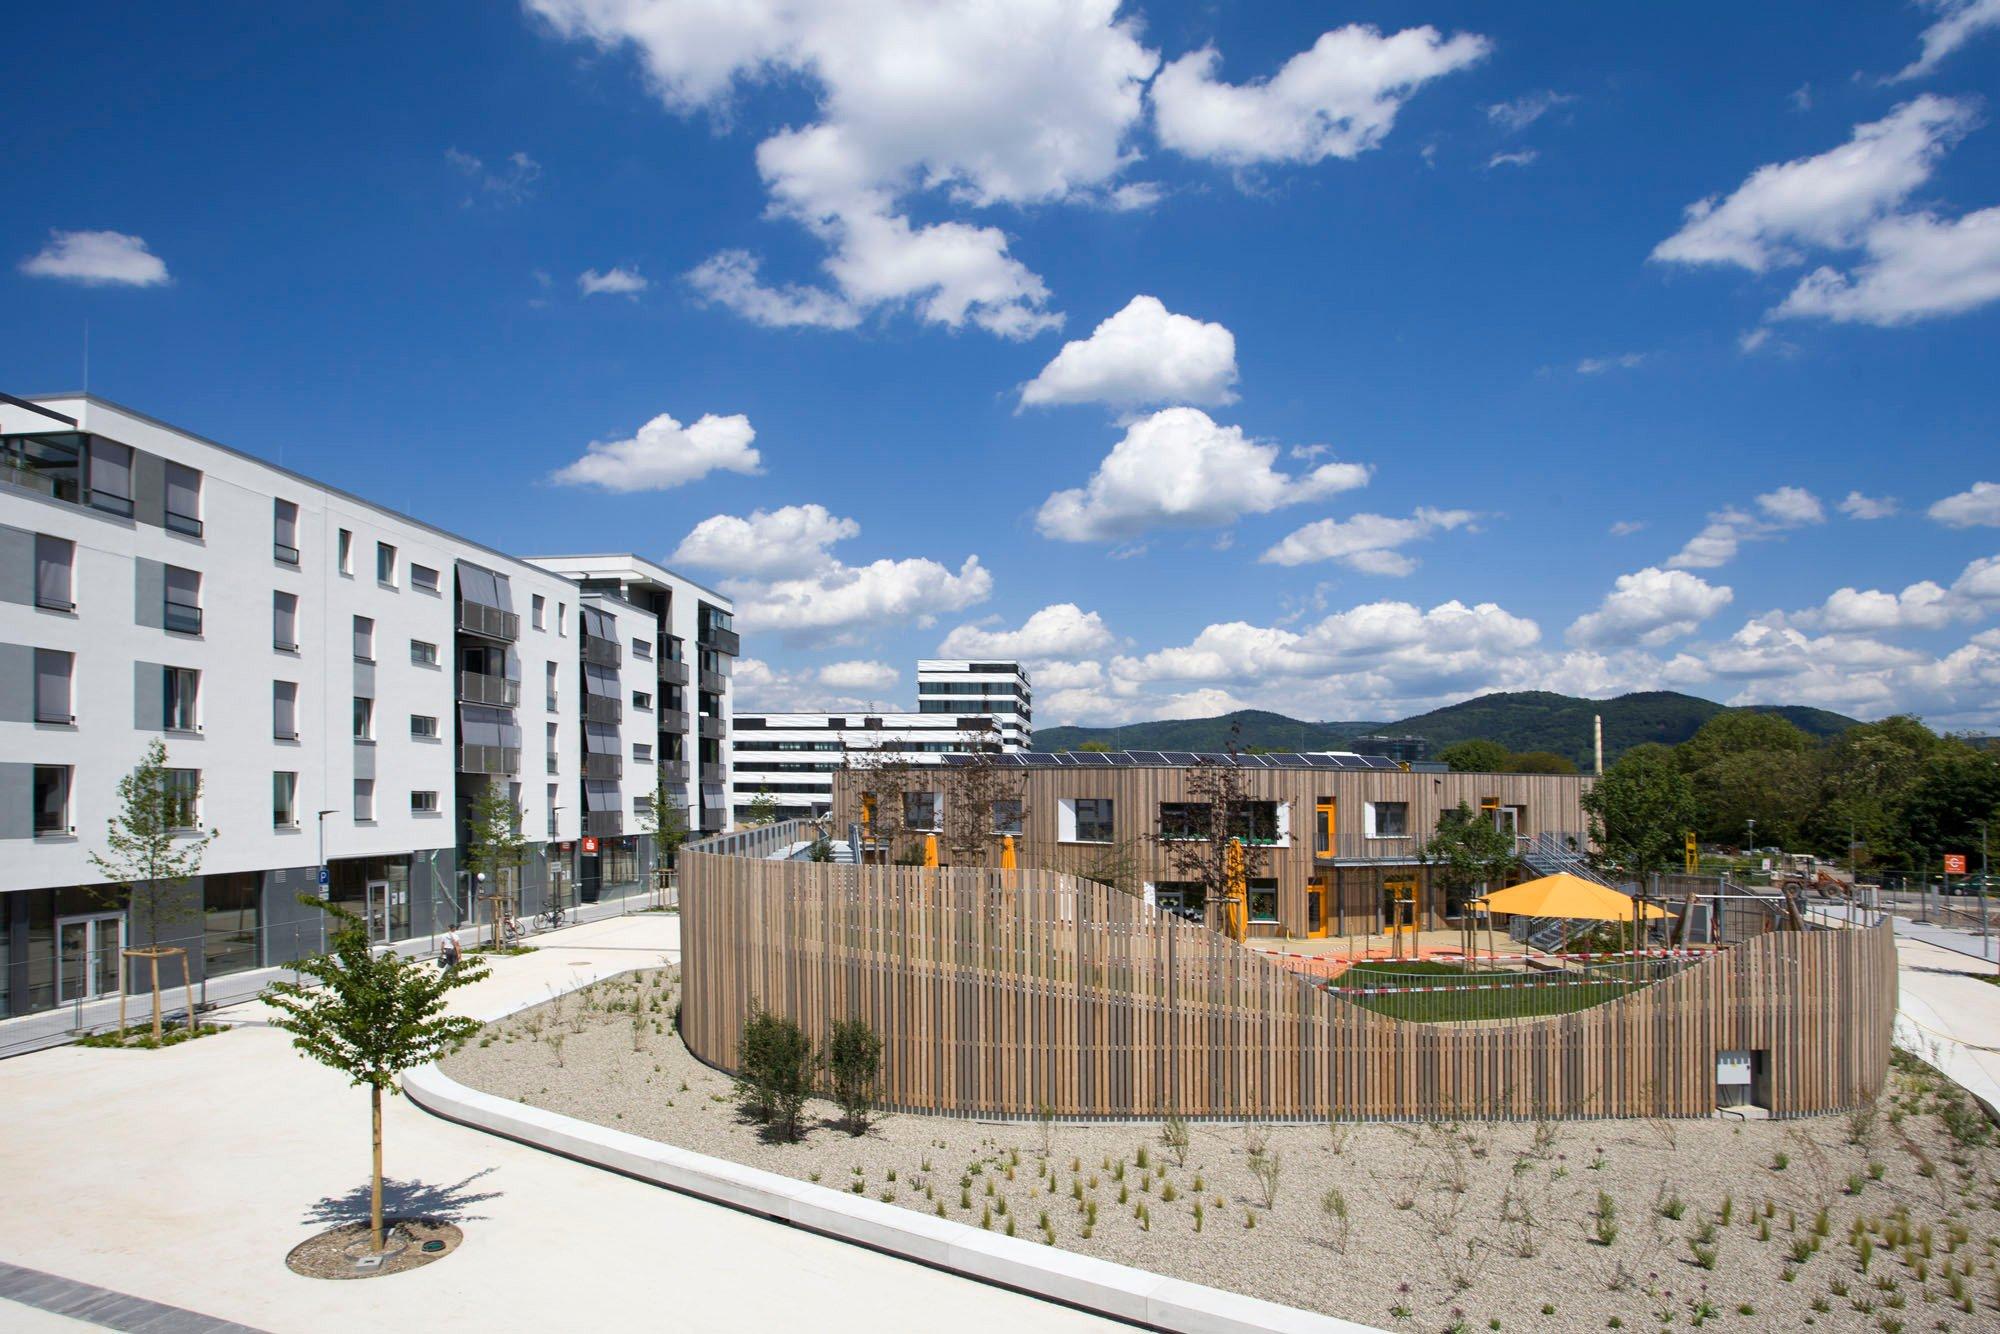 Architekten Heidelberg wohnbebauung schwetzinger terrassen in heidelberg flachdach